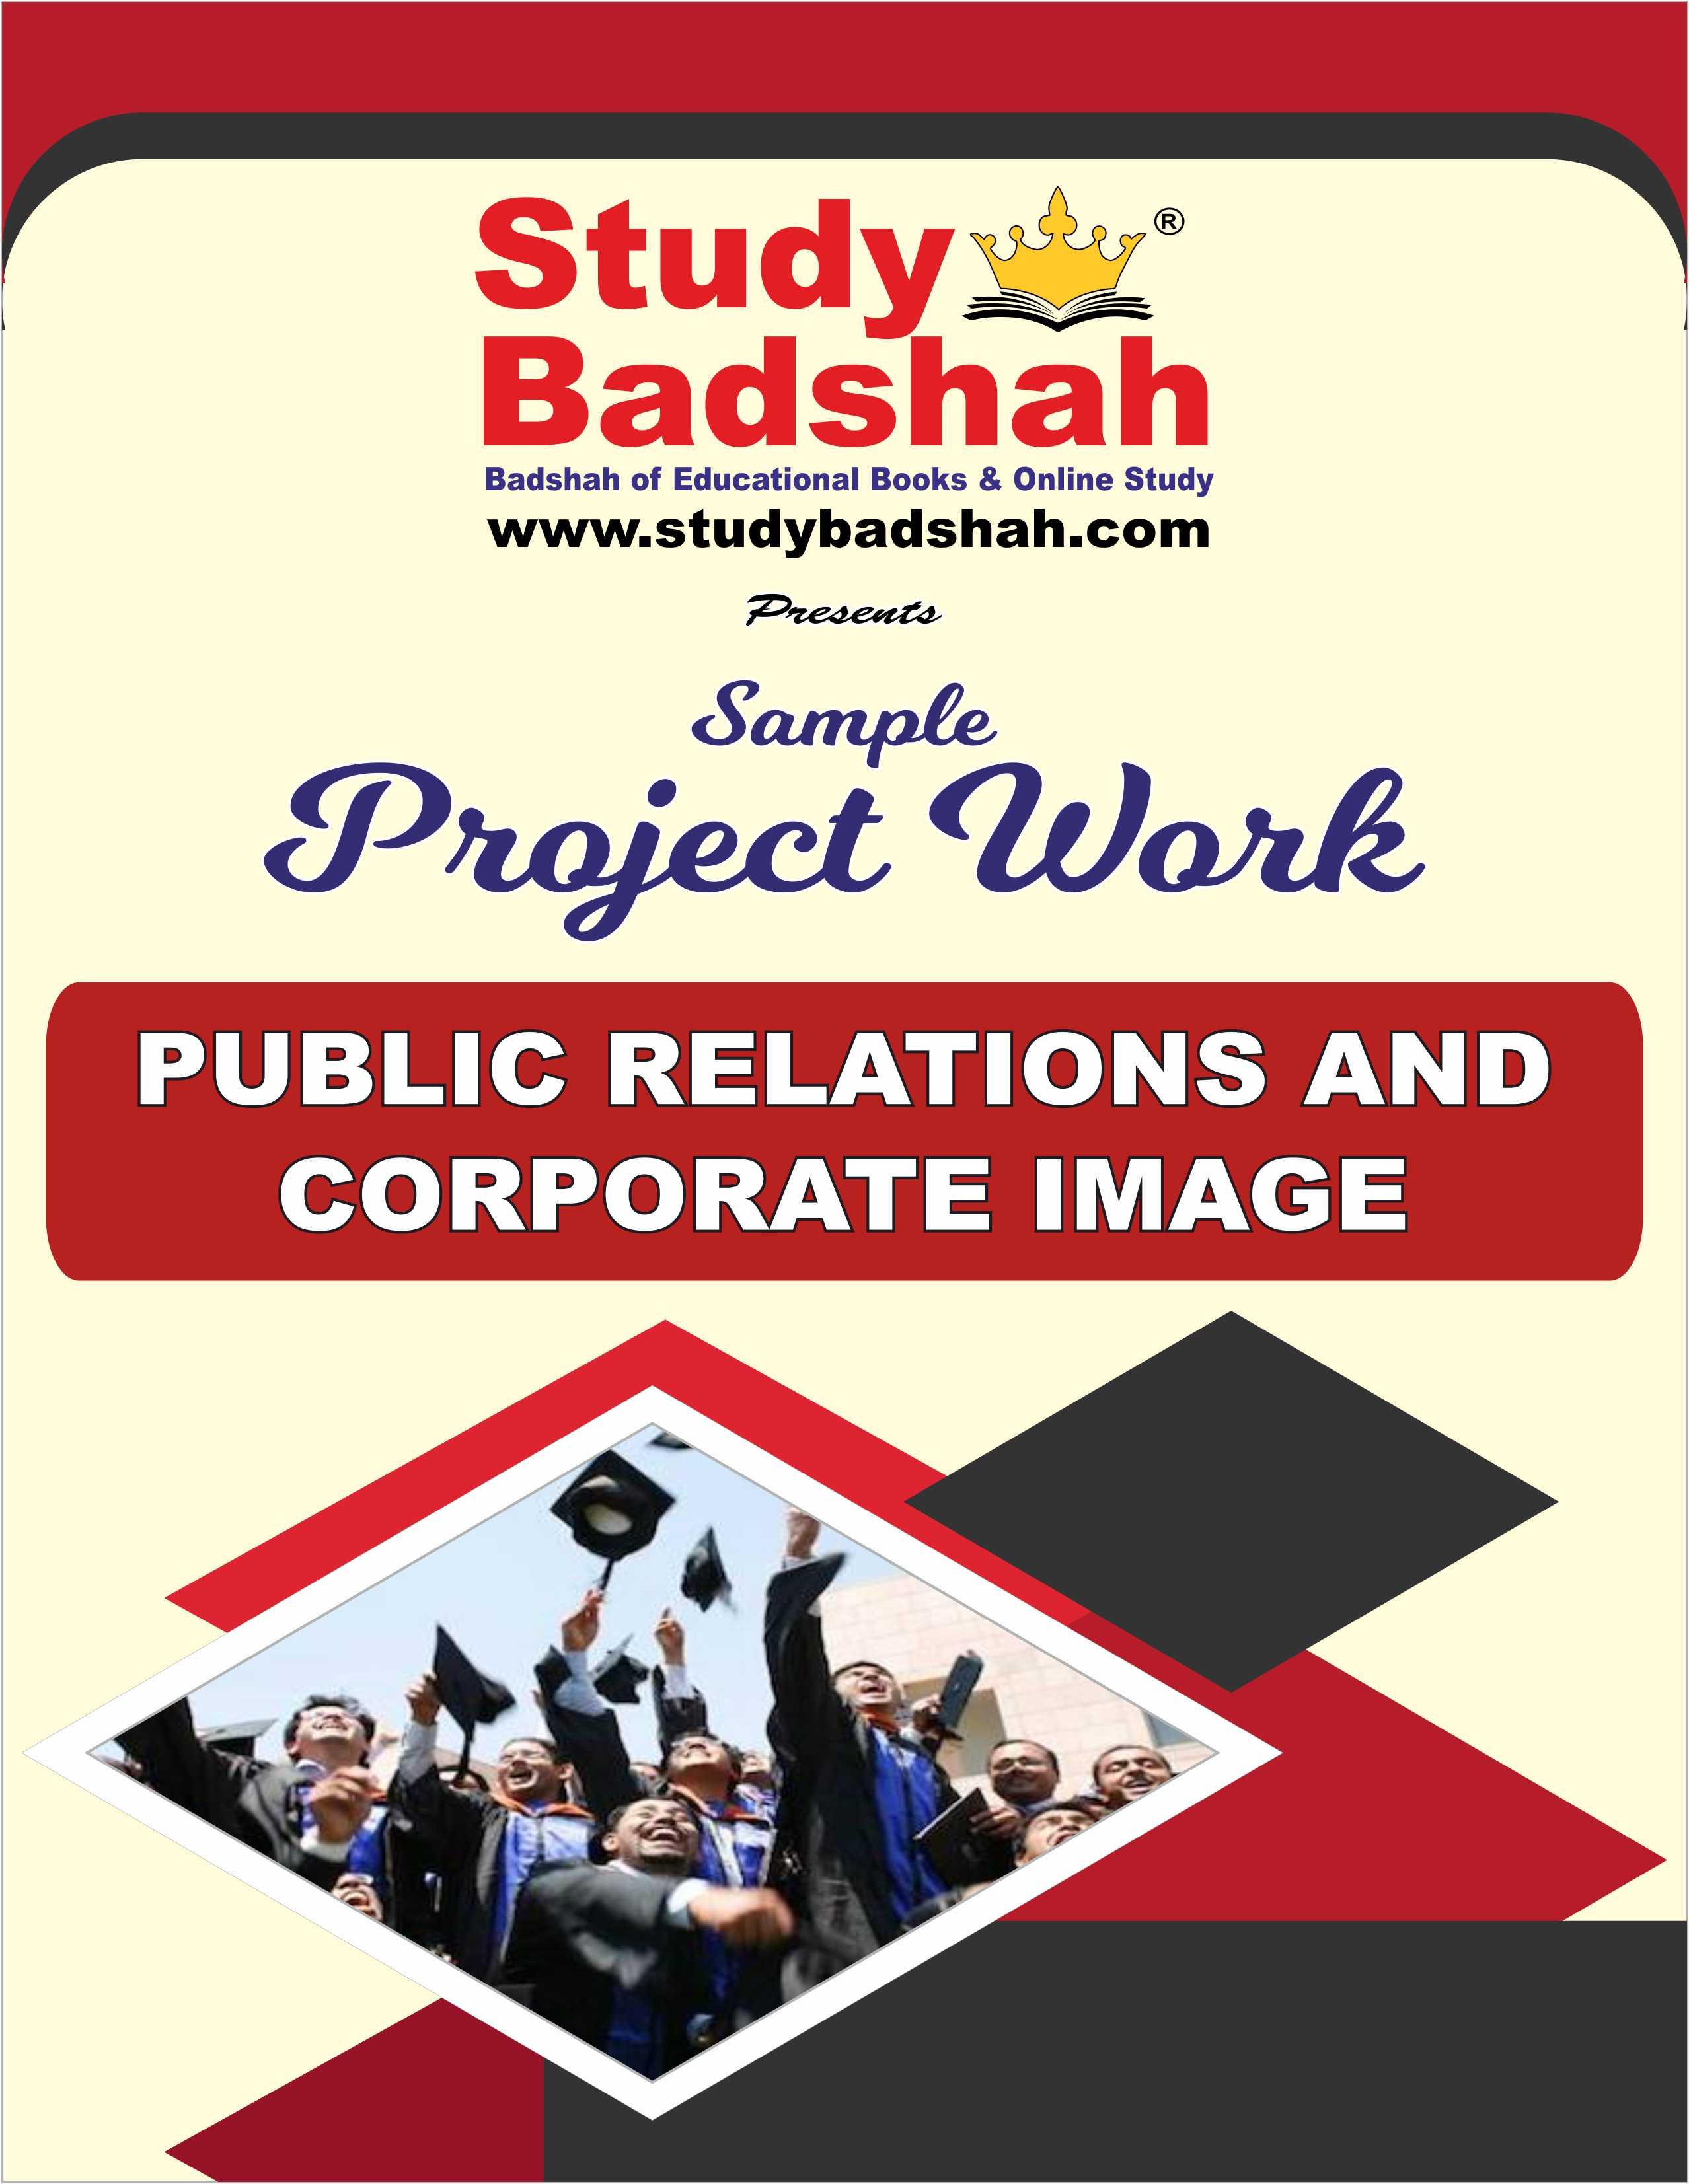 PUBLIC RELATIONS & CORPORATE